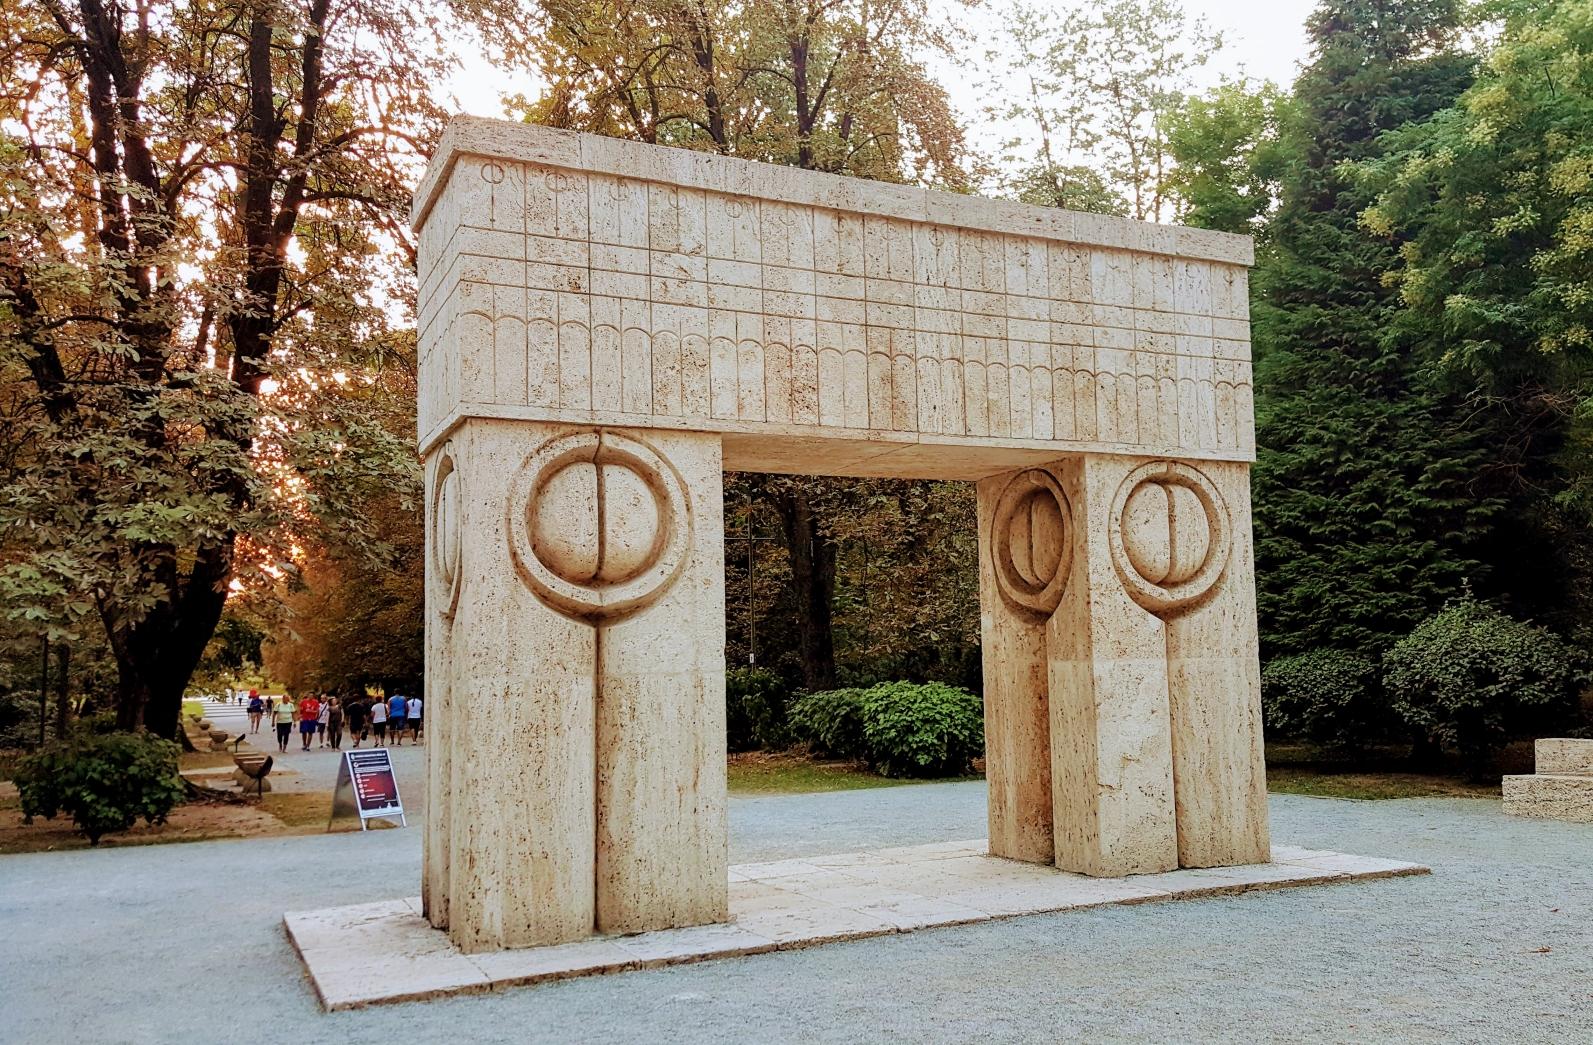 Ziua națională Constantin Brâncuşi. Se împlinesc 144 de ani de la naşterea marelui sculptor